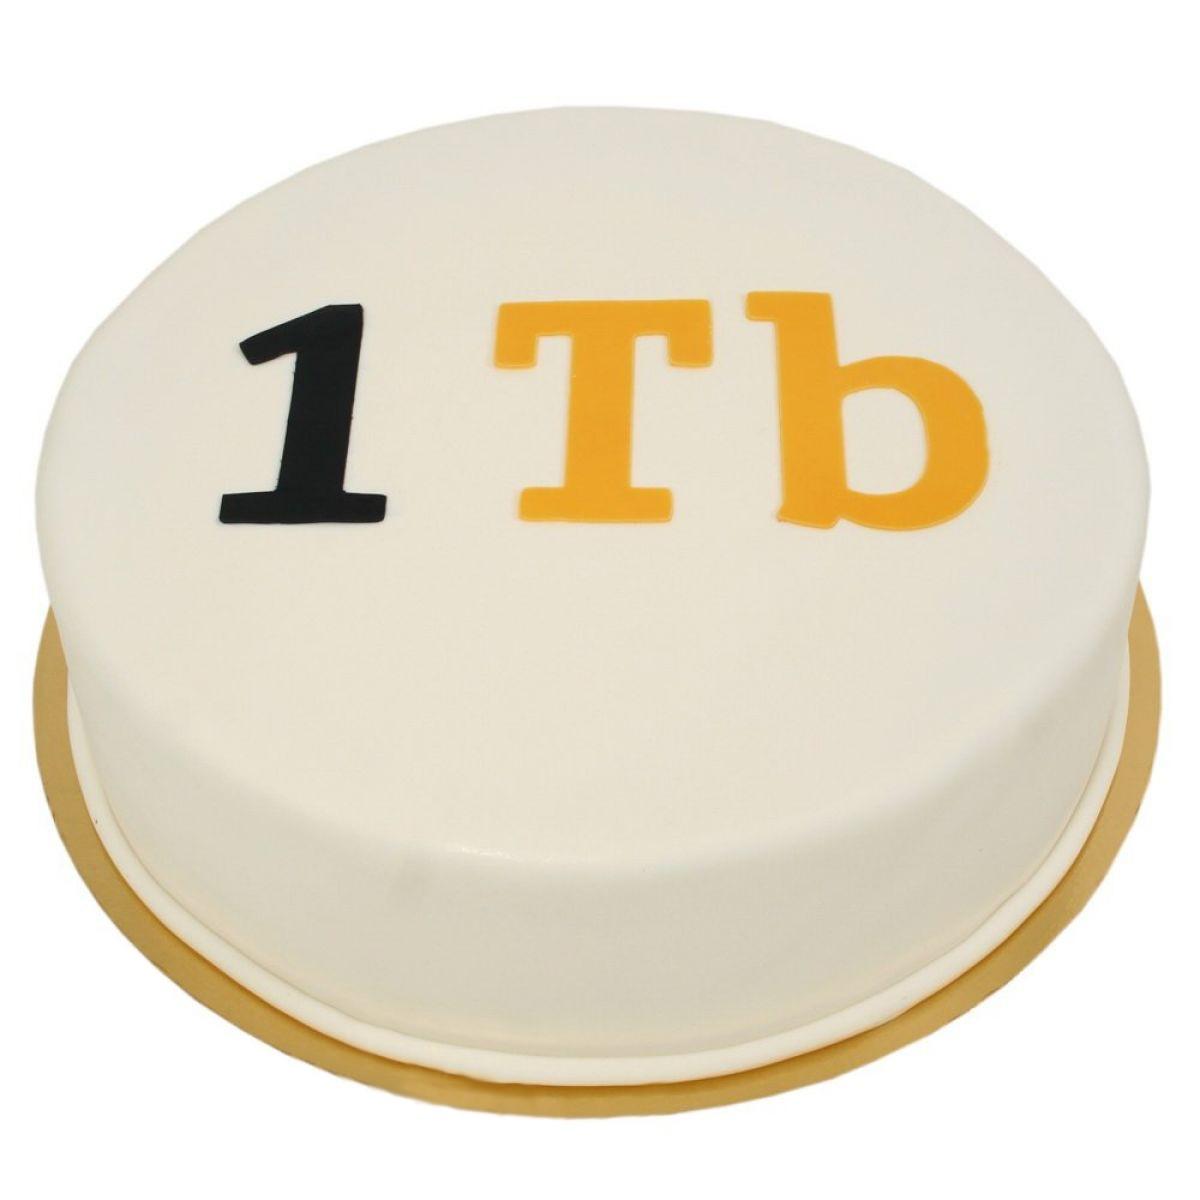 №1071 Торт 1 тъ